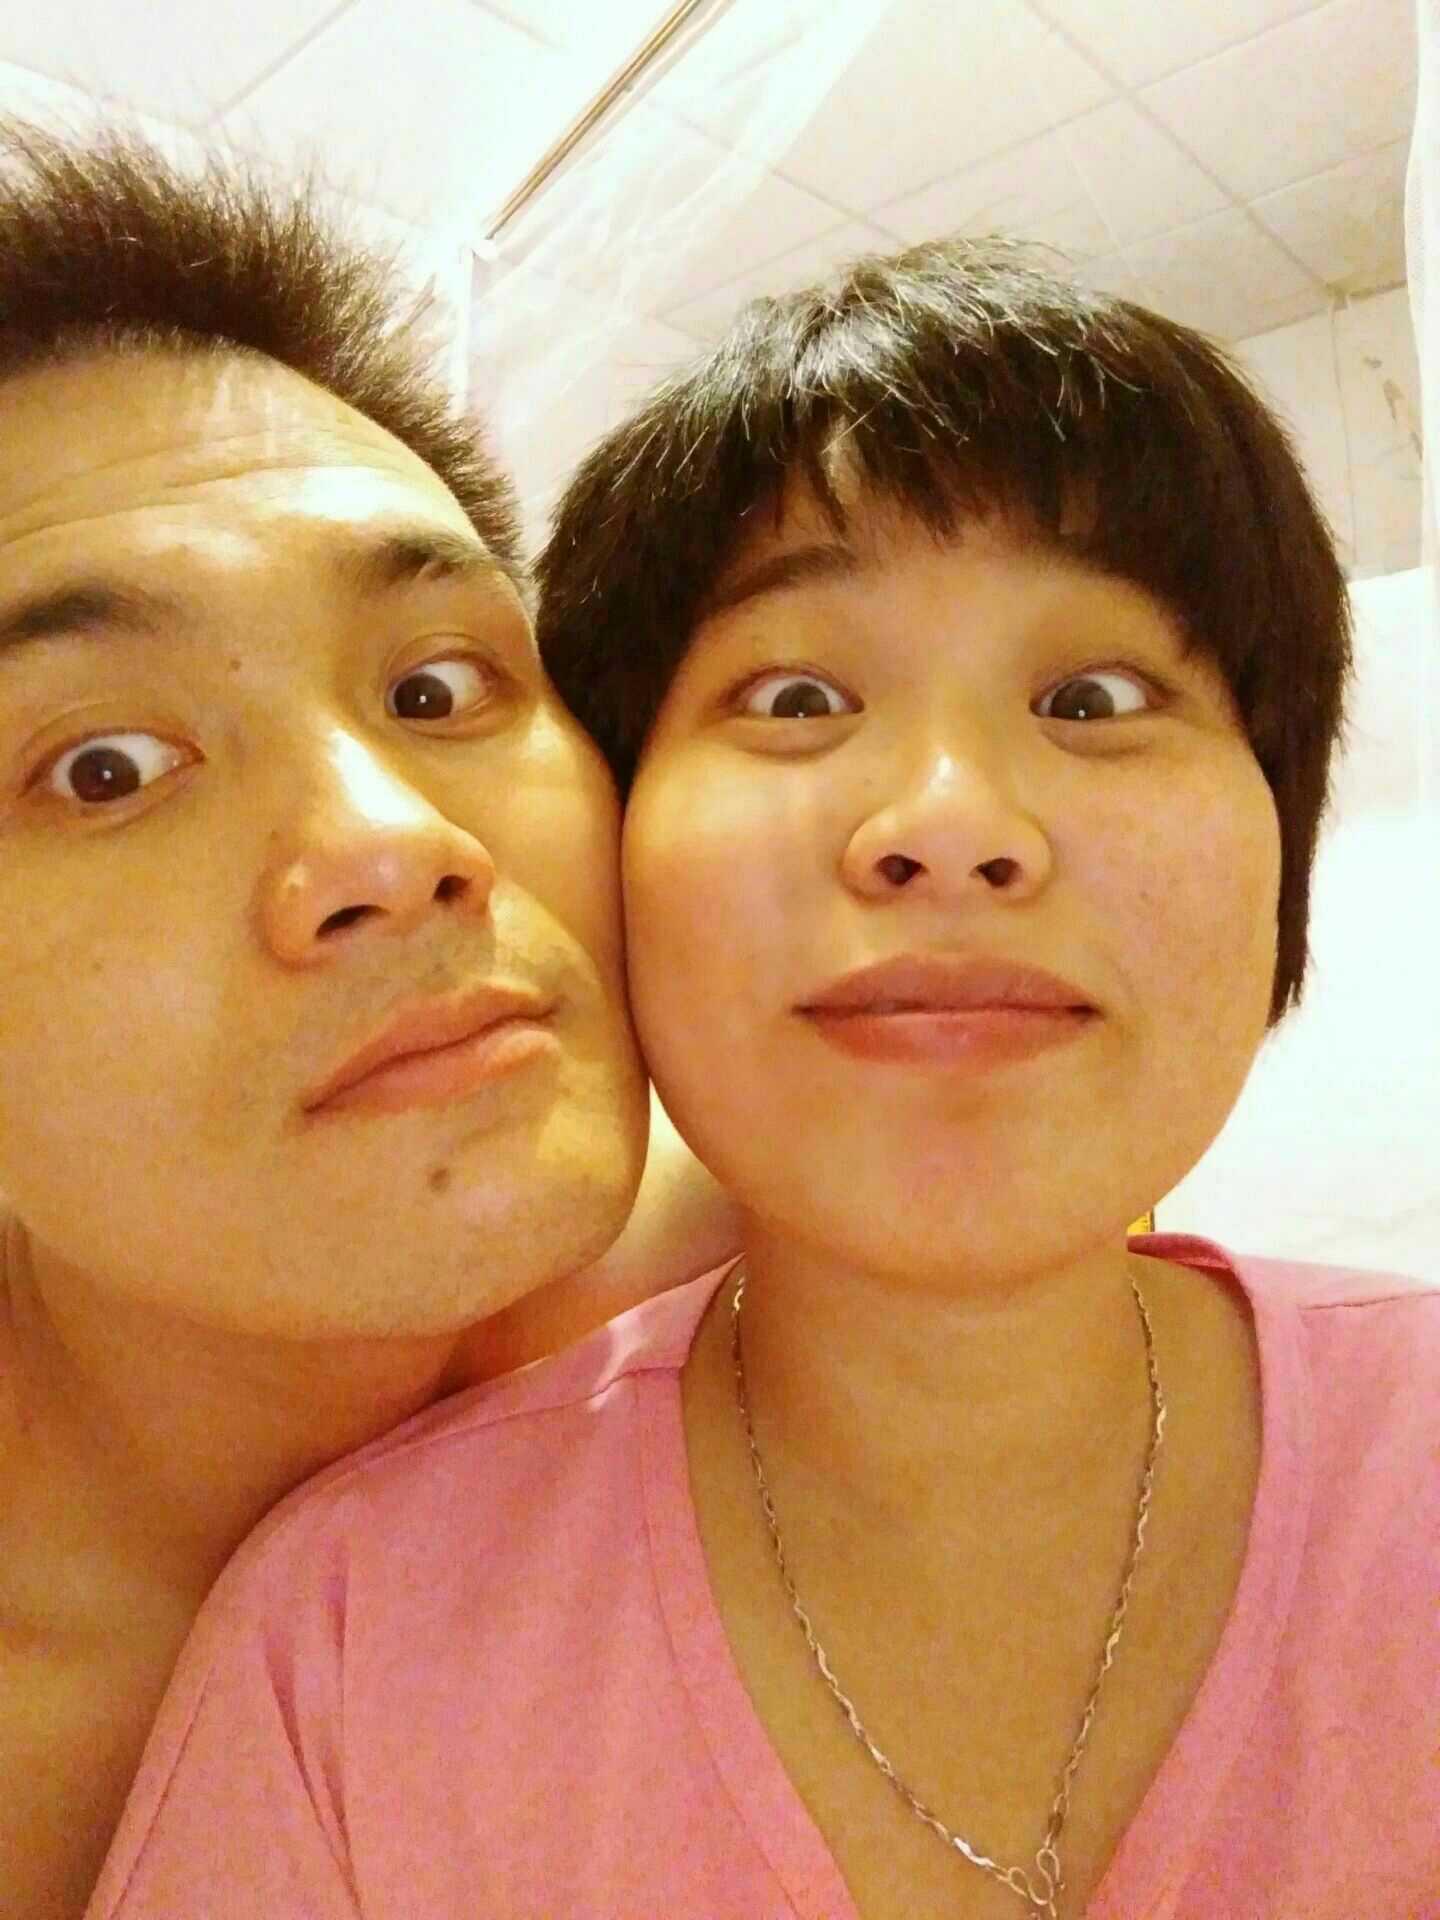 【晒照啦!】表情专属夫妻控制的搞笑图片情绪,你们拥有值得!图片